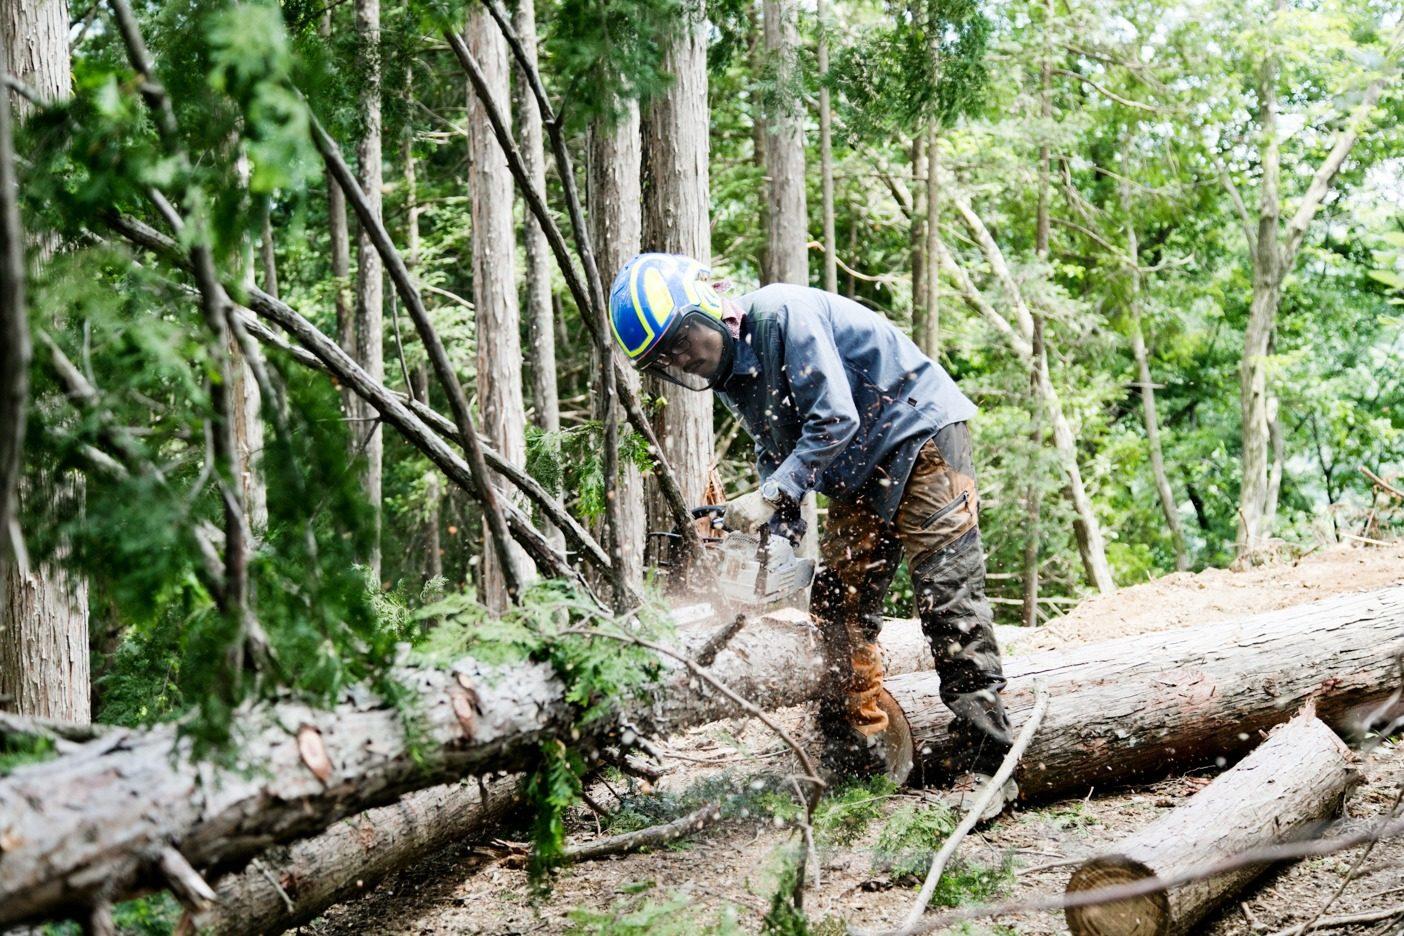 作業道づくりで支障となる木はチェンソーを使って伐採する。伐採した木は、山から搬出しておもちゃや小物に加工する。作業道の補強に使うこともある。写真:五十嵐 一晴